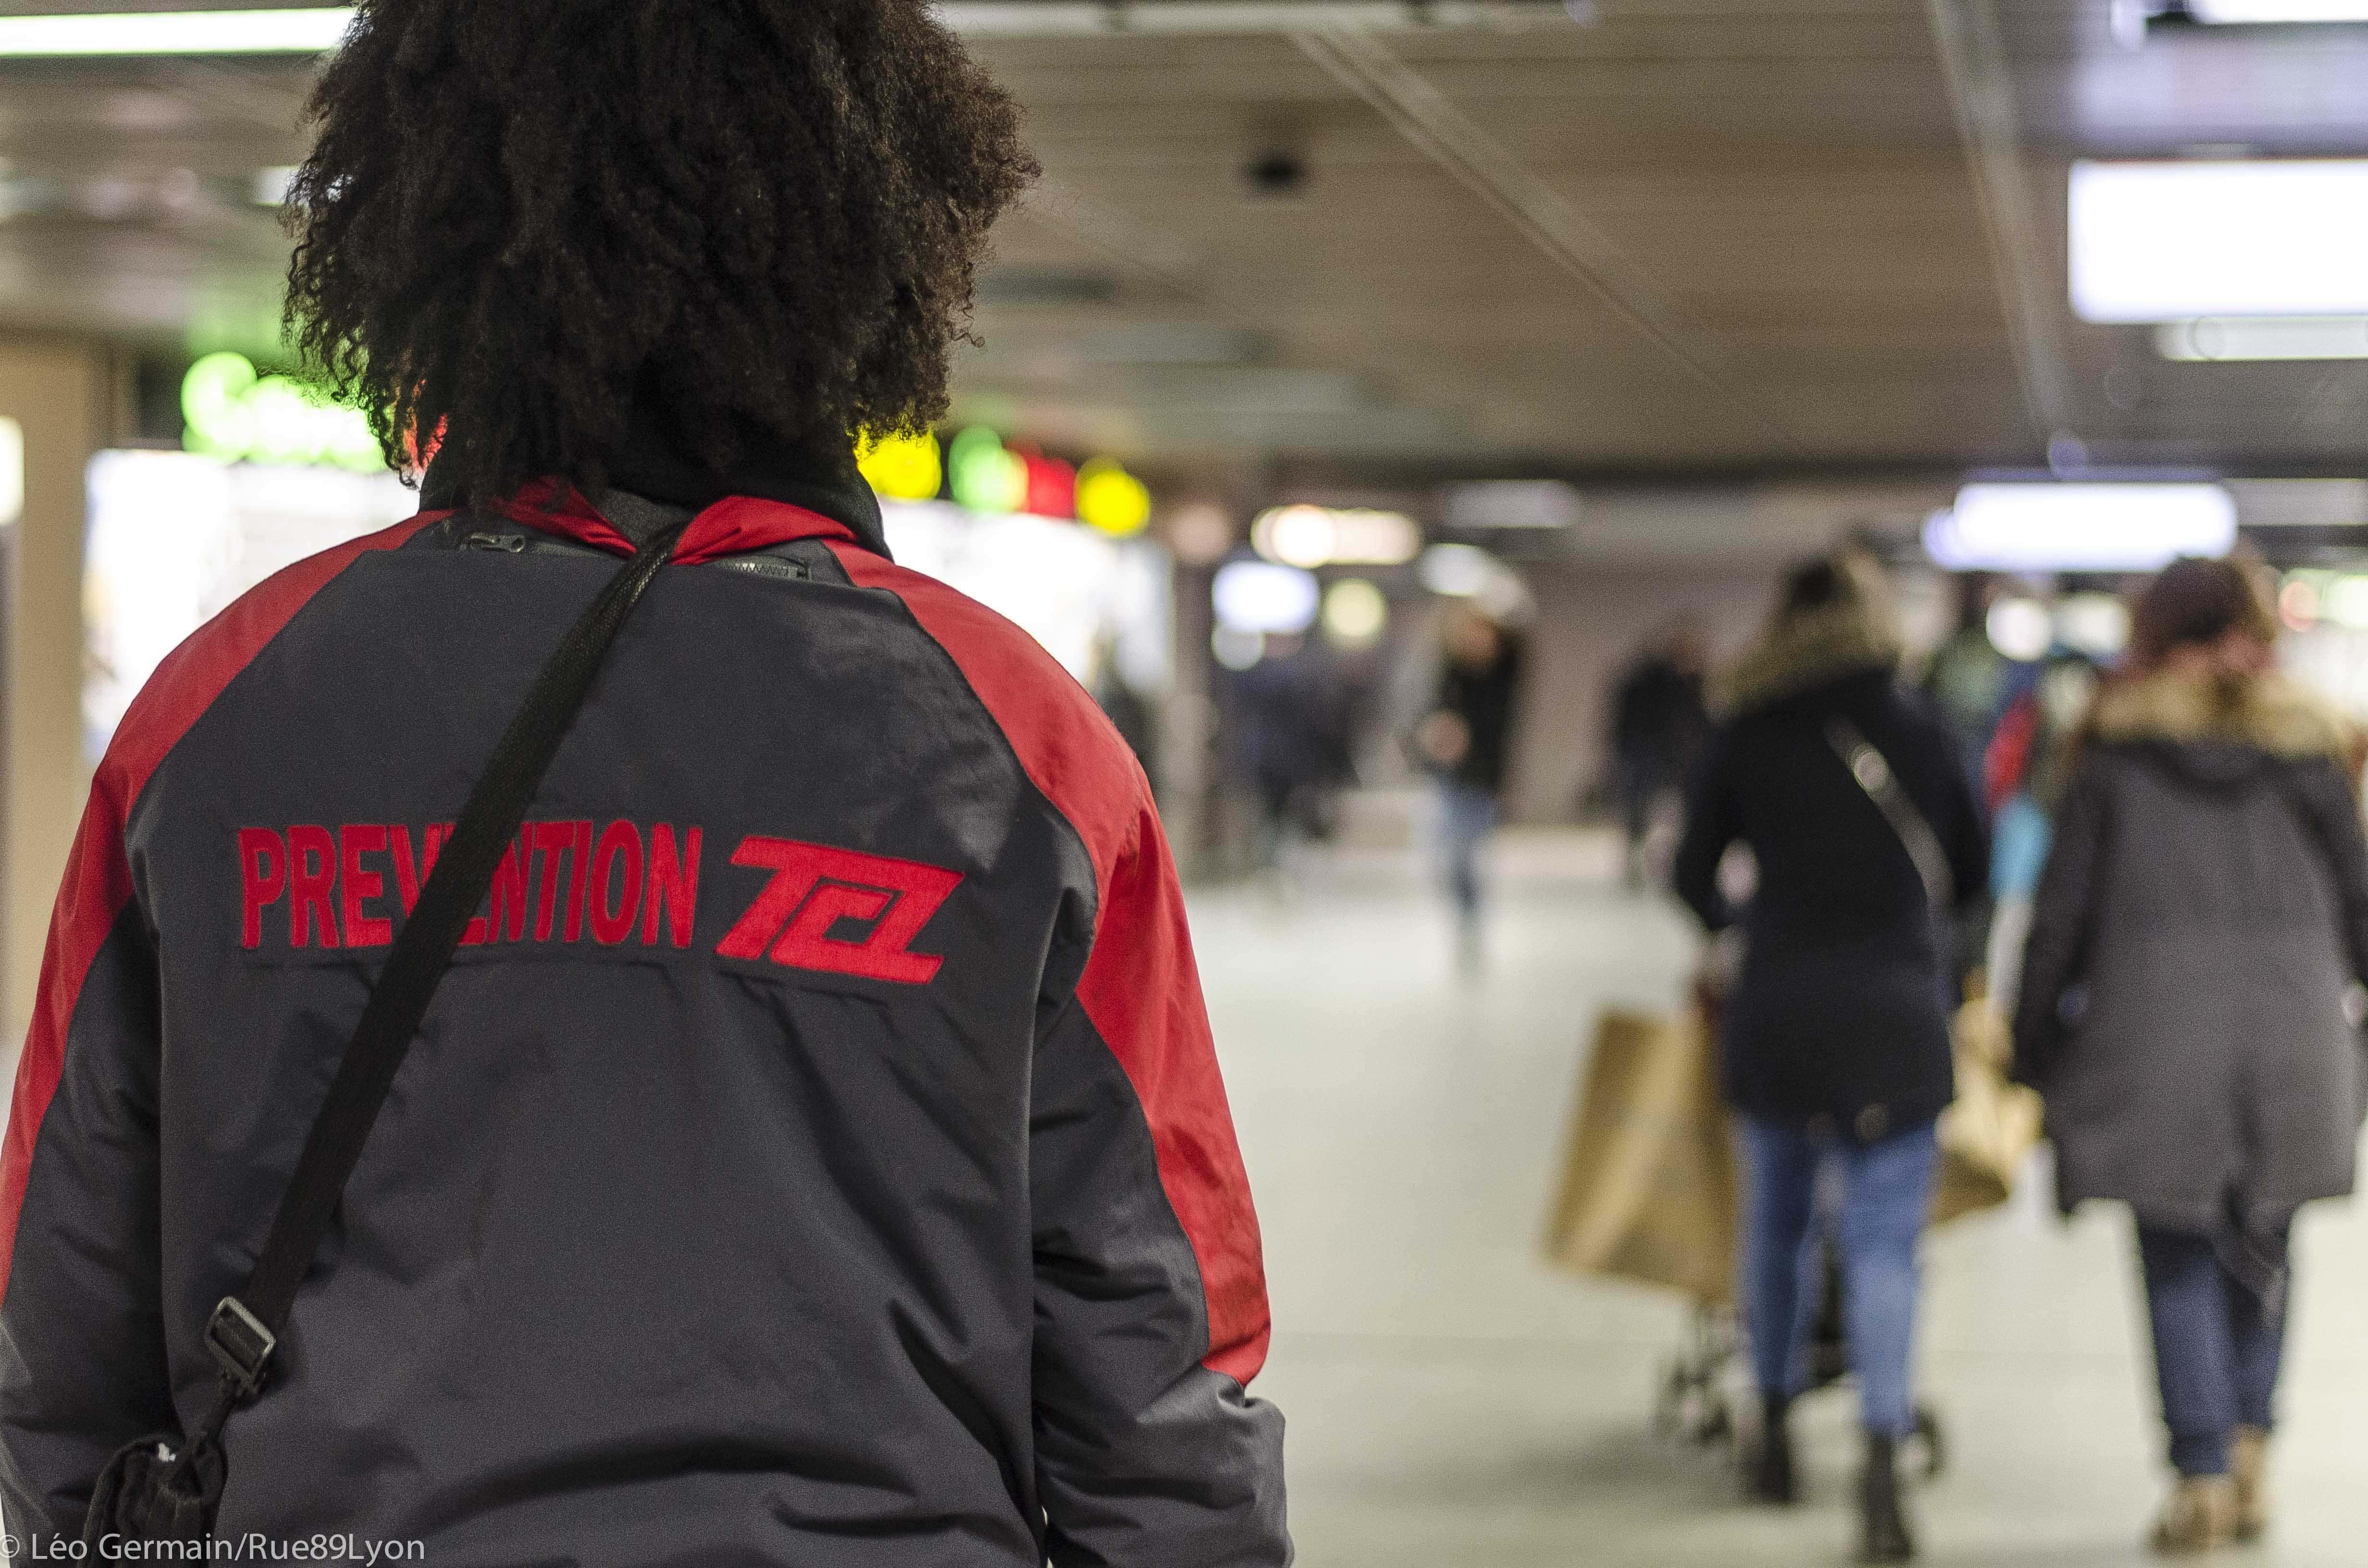 Ils facilitent le flux des passagers aux heures de pointe et nous renseignent. Ce sont nos Amis TCL. Photo d'illustration - janvier 2017 ©Léo Germain/Rue89Lyon